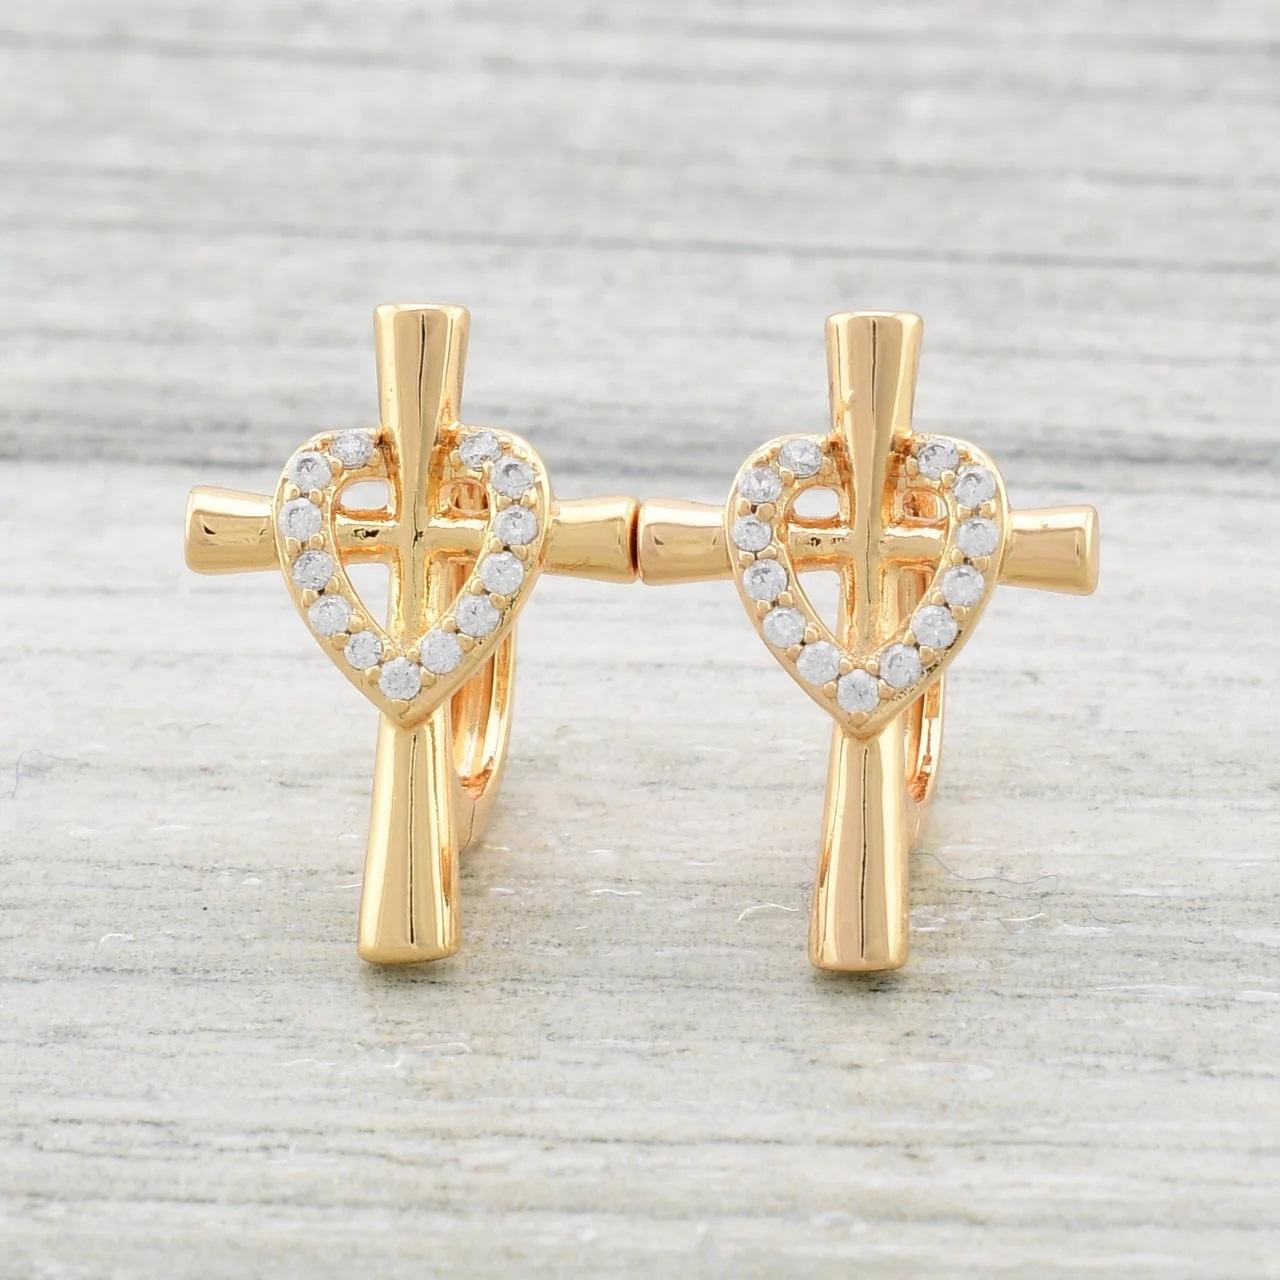 Милые серьги «Восторг» в форме крестиков с сердечком из камней в позолоте купить. Цена 150 грн